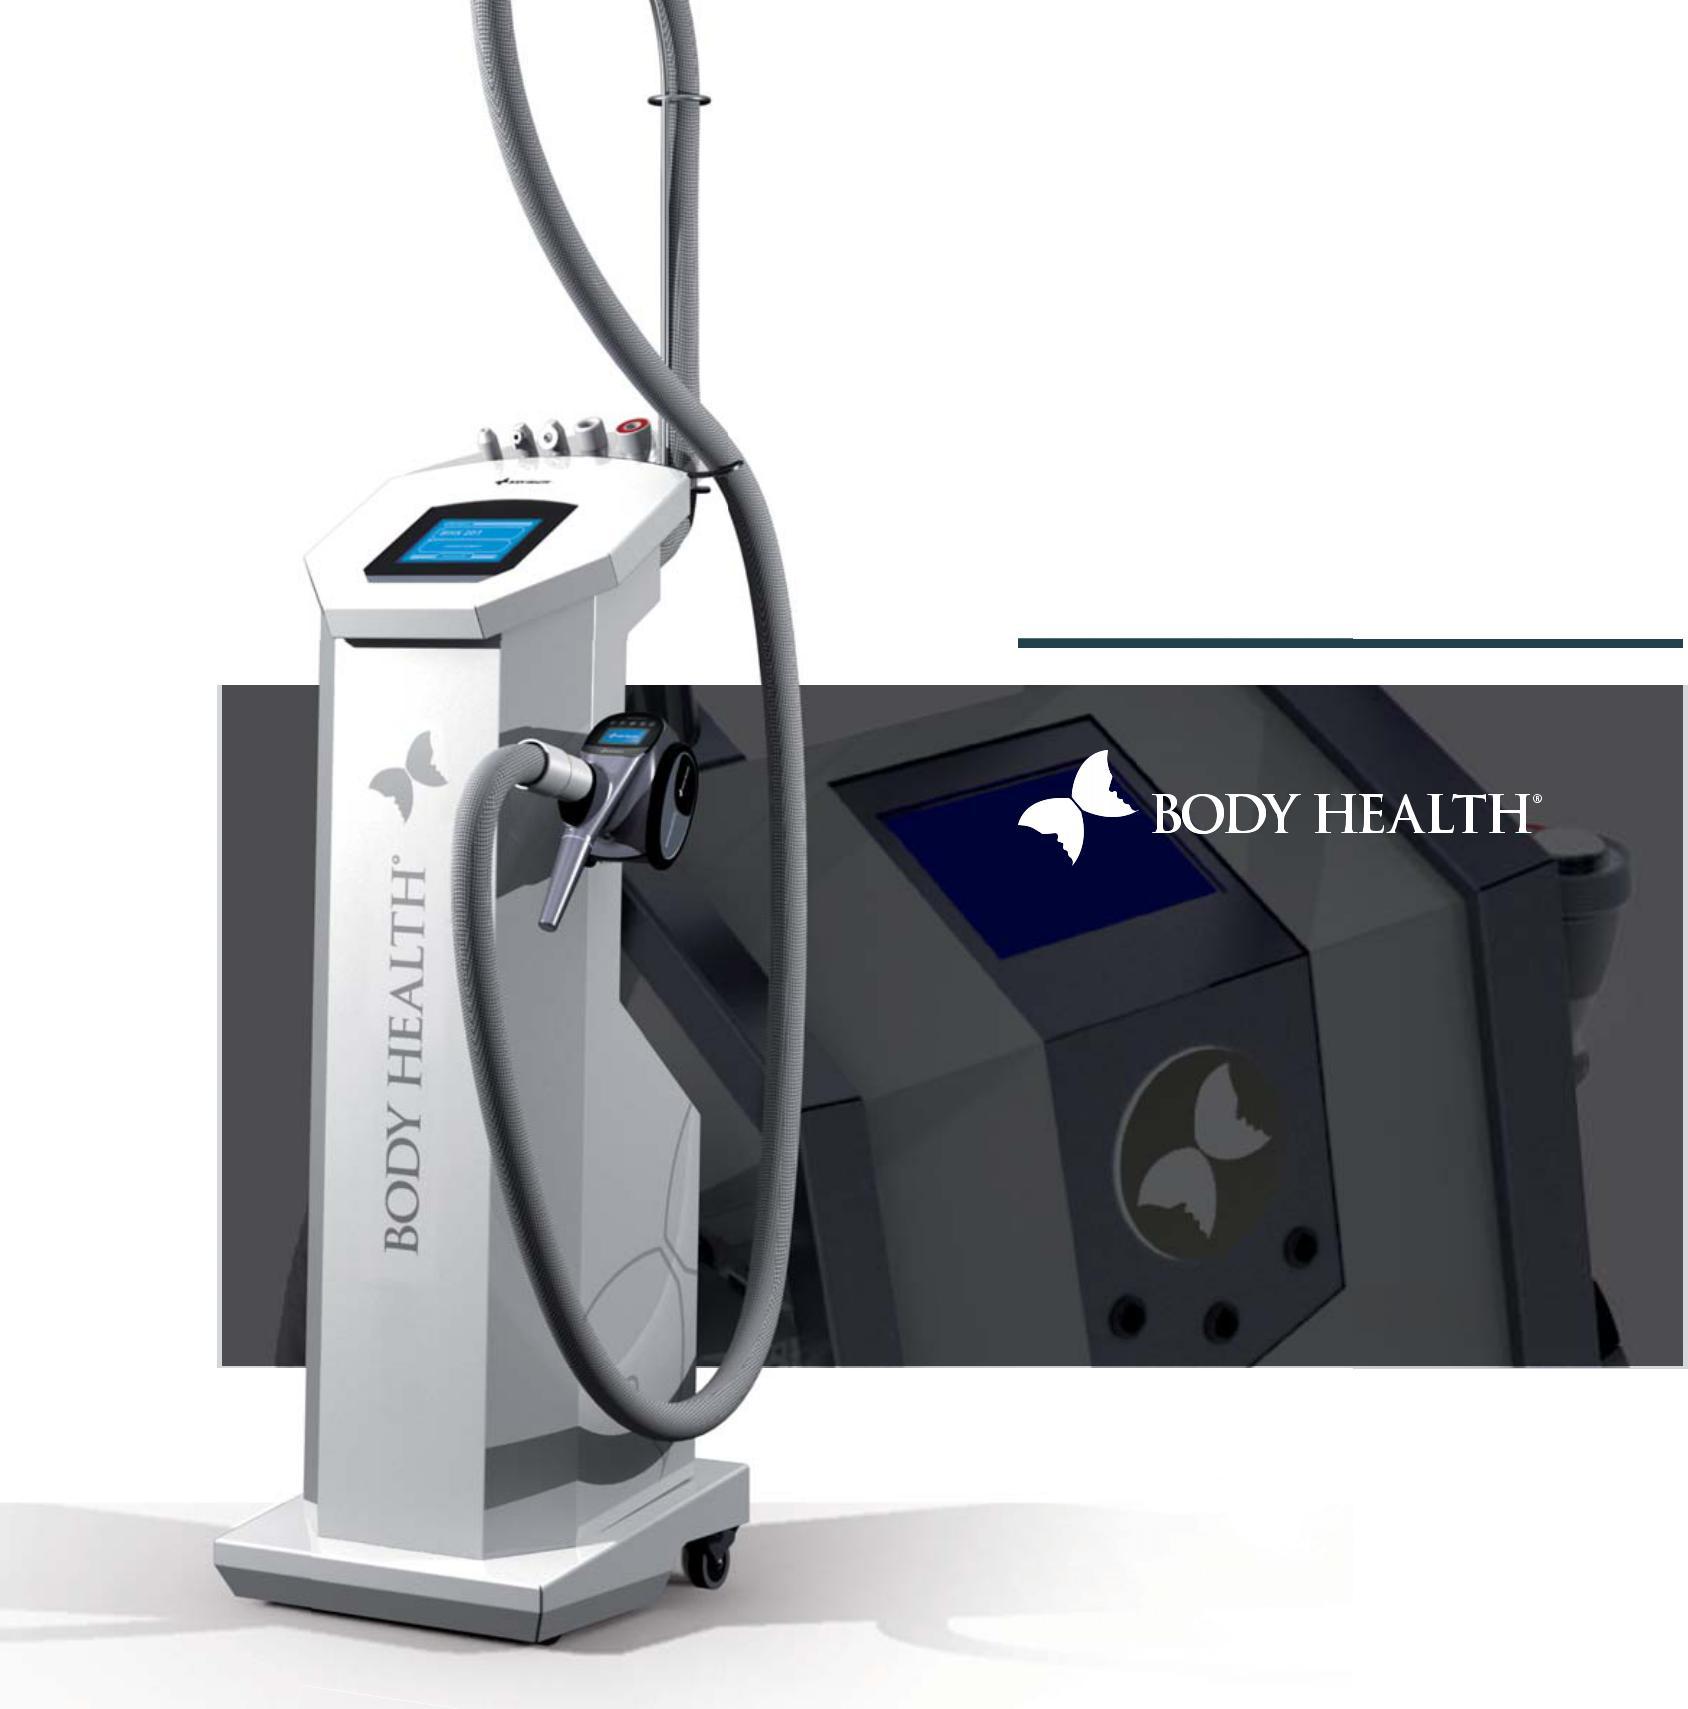 Косметологічний апарат для вакуумно-роликового LPG-масажу BODY HEALTH США